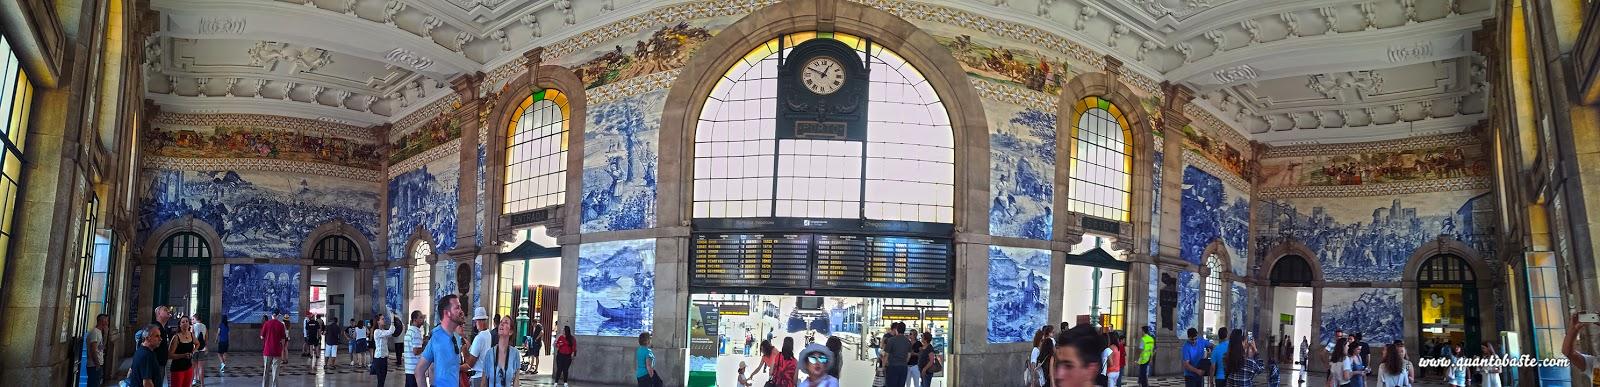 Interior Estação de São Bento Porto